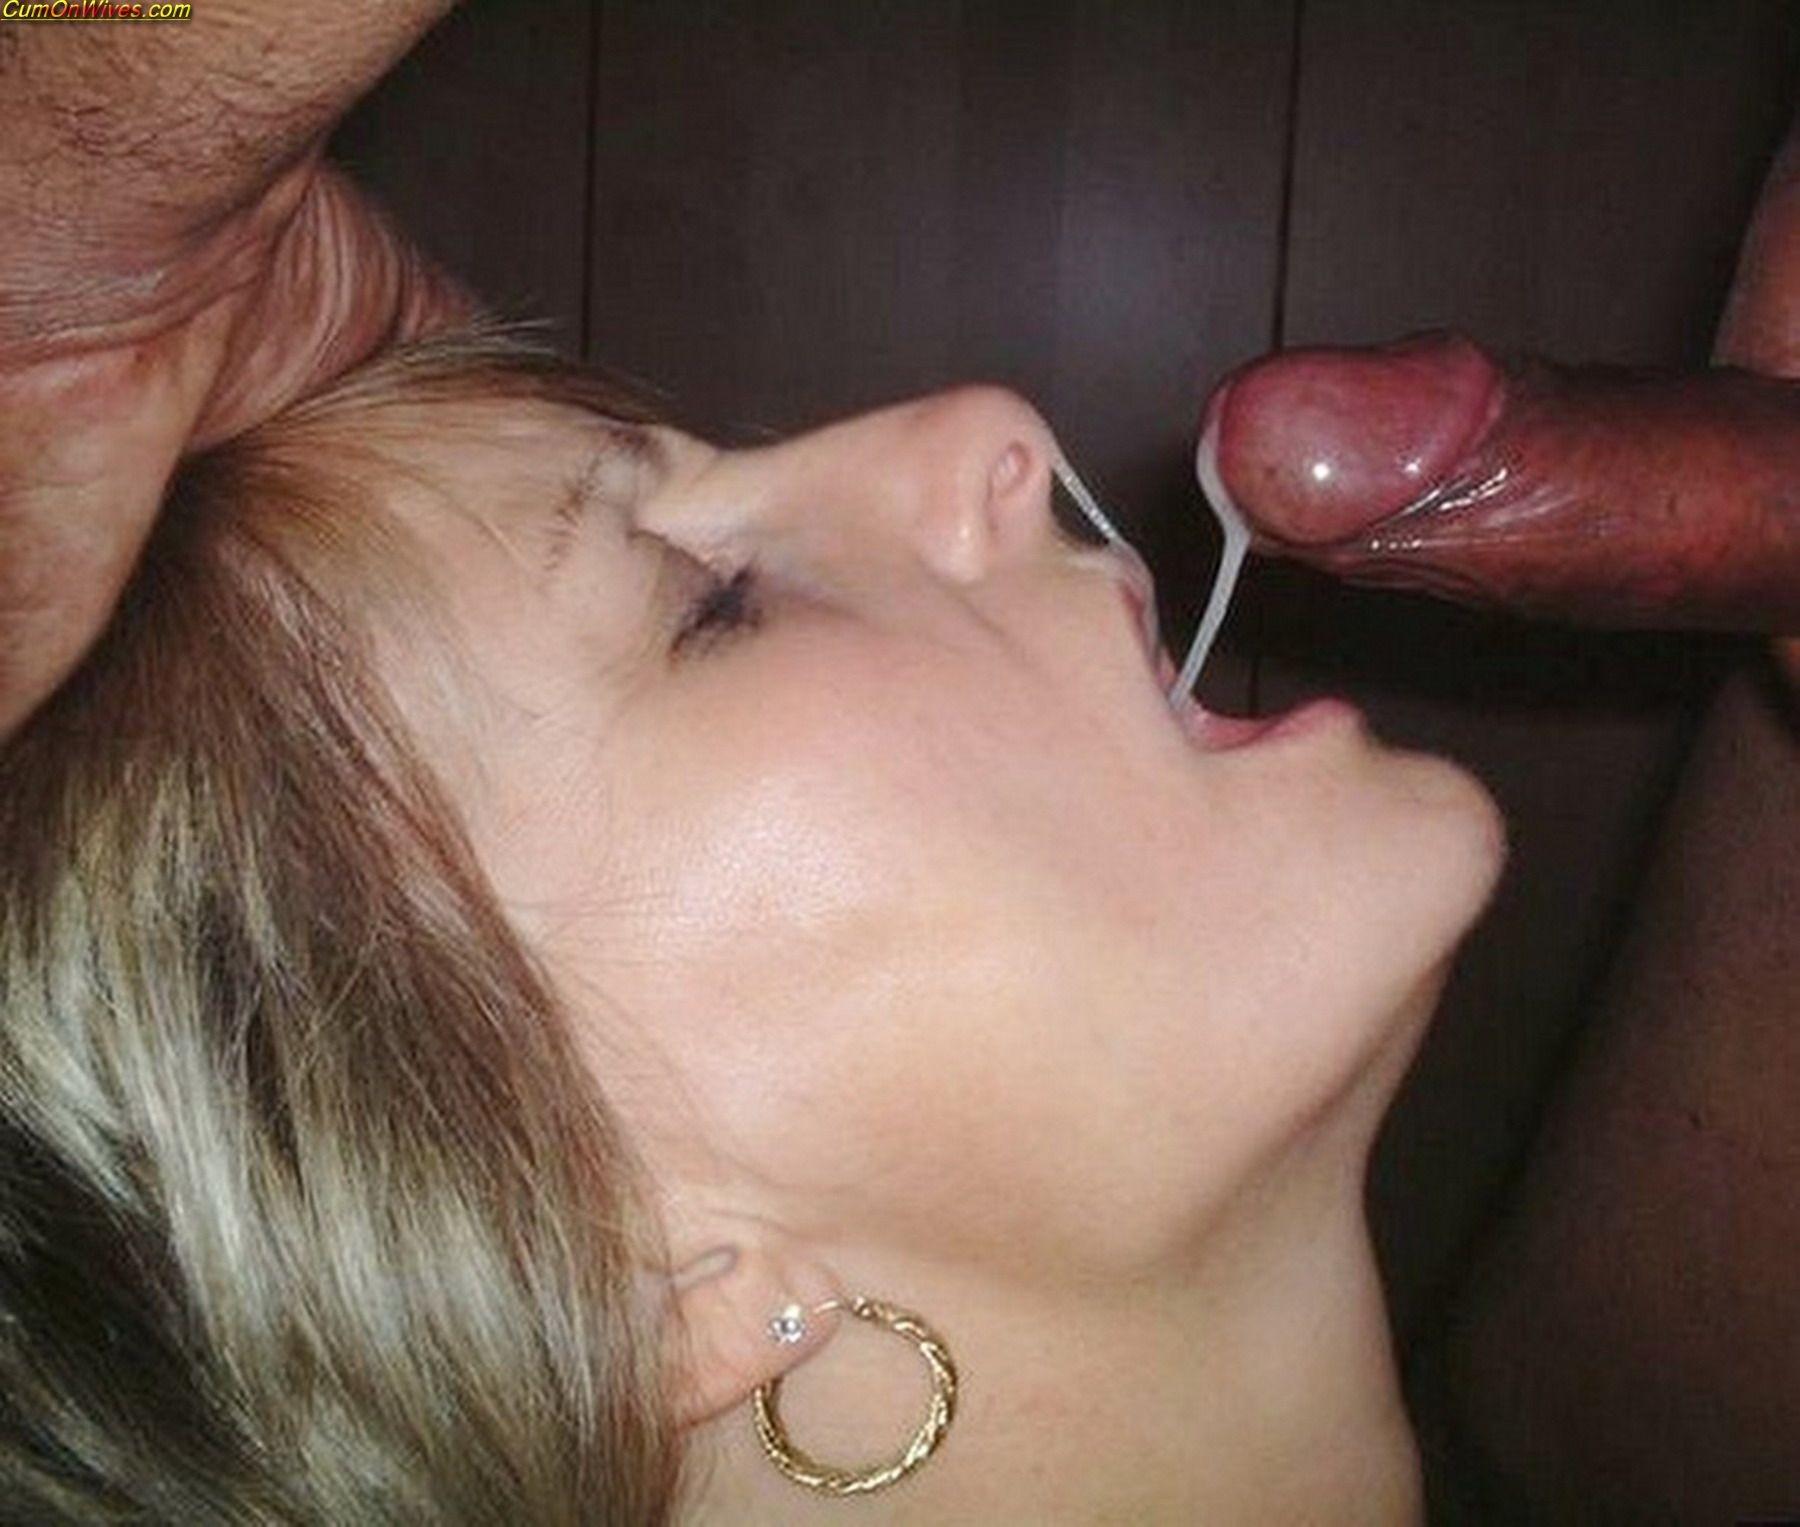 моей порно жене кончают в рот все девушка любит